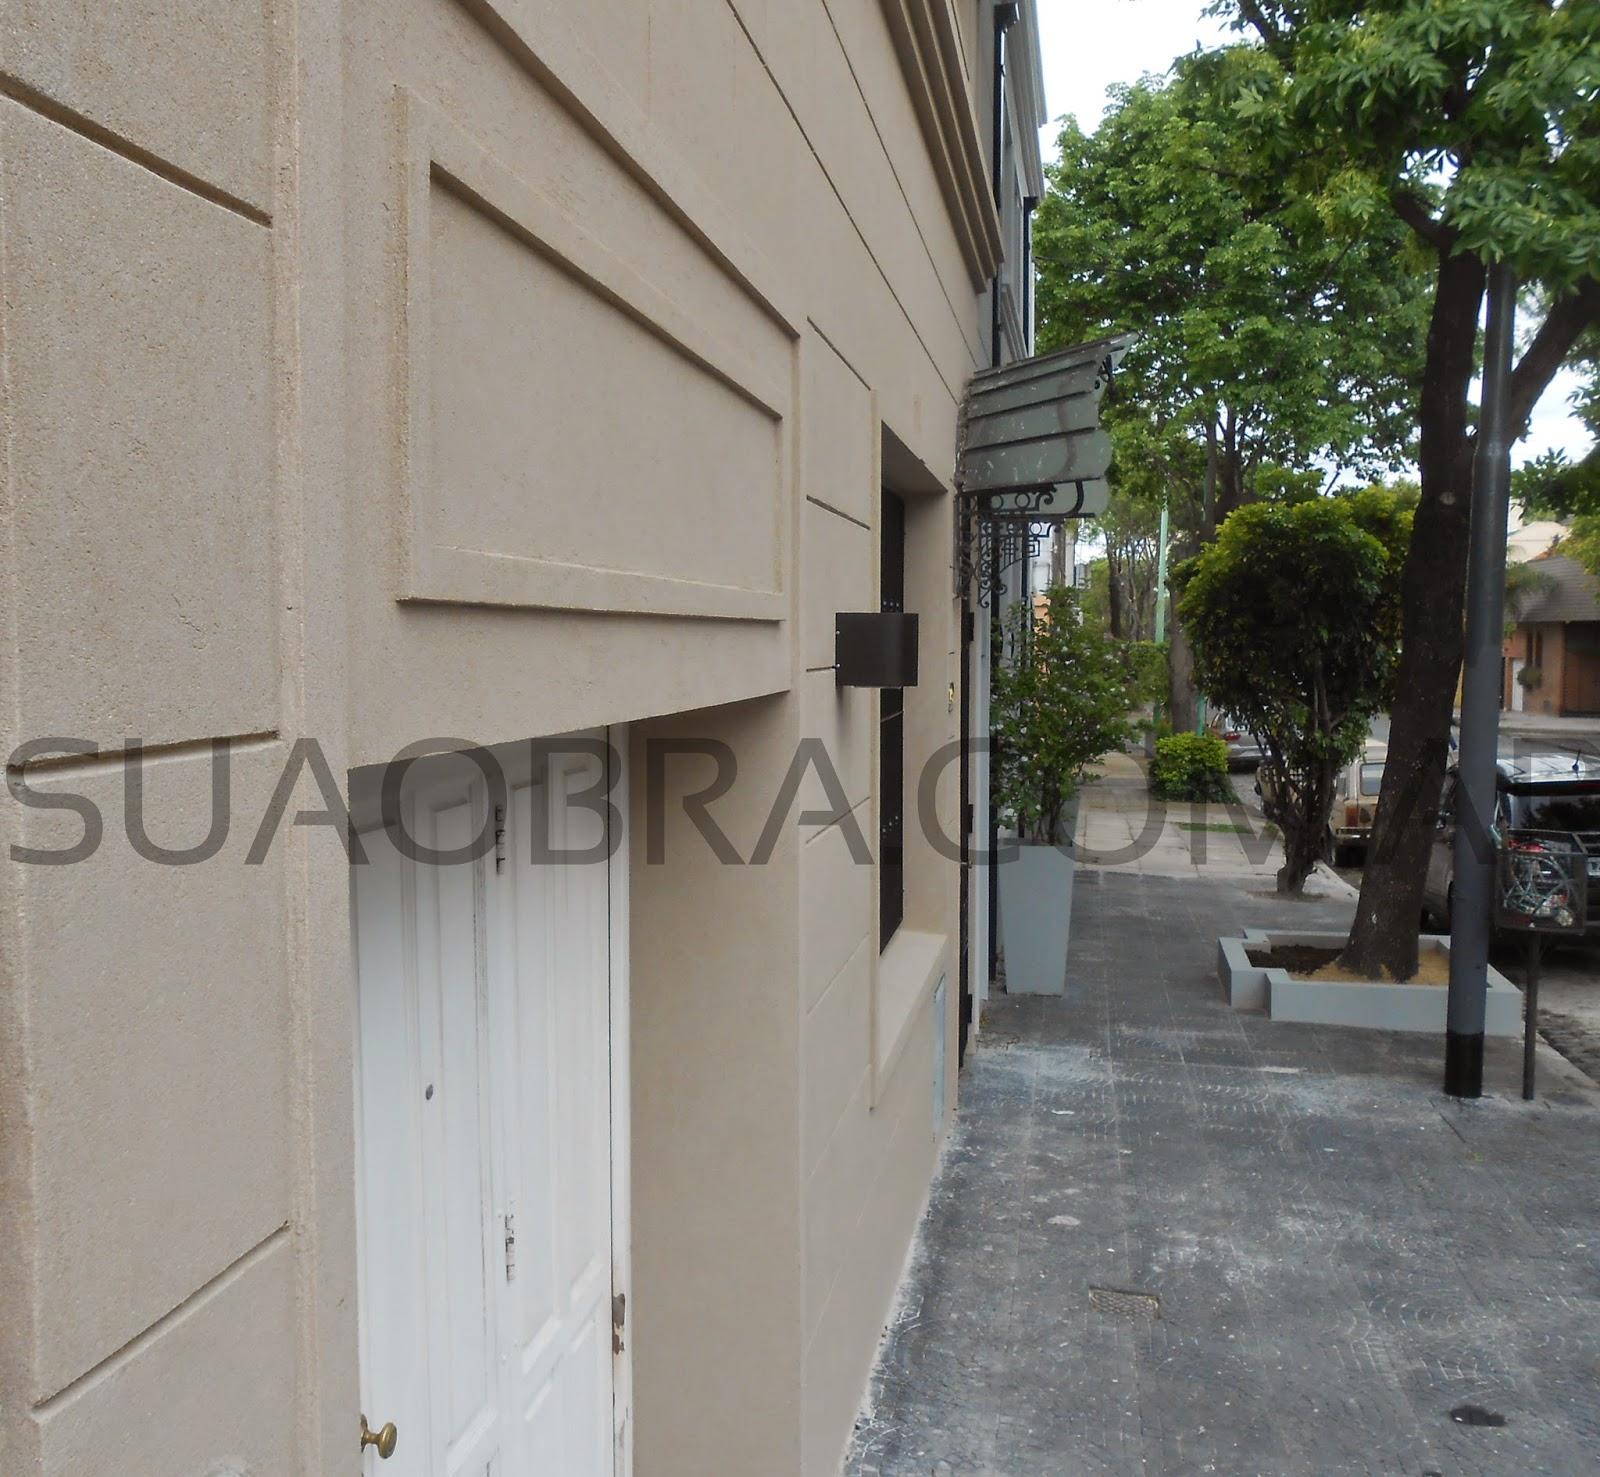 Renovaci n de fachada con revoque plastico sobre for Renovacion de casas viejas